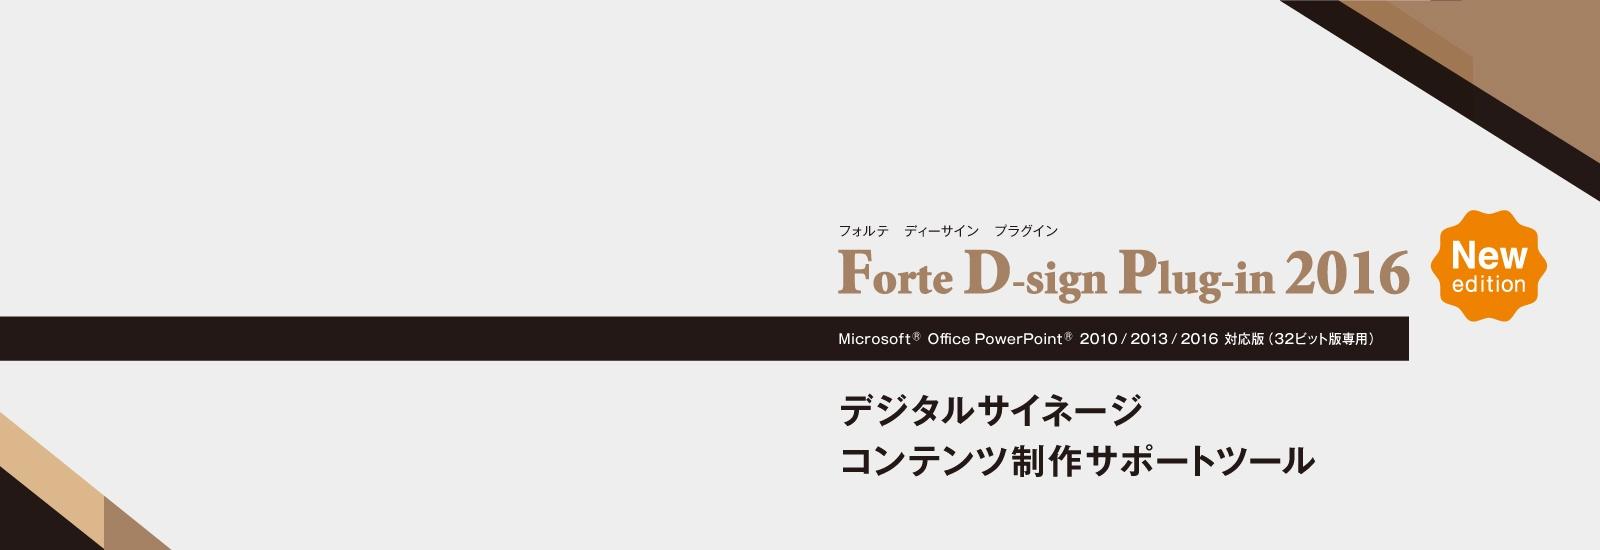 forte_banner-1